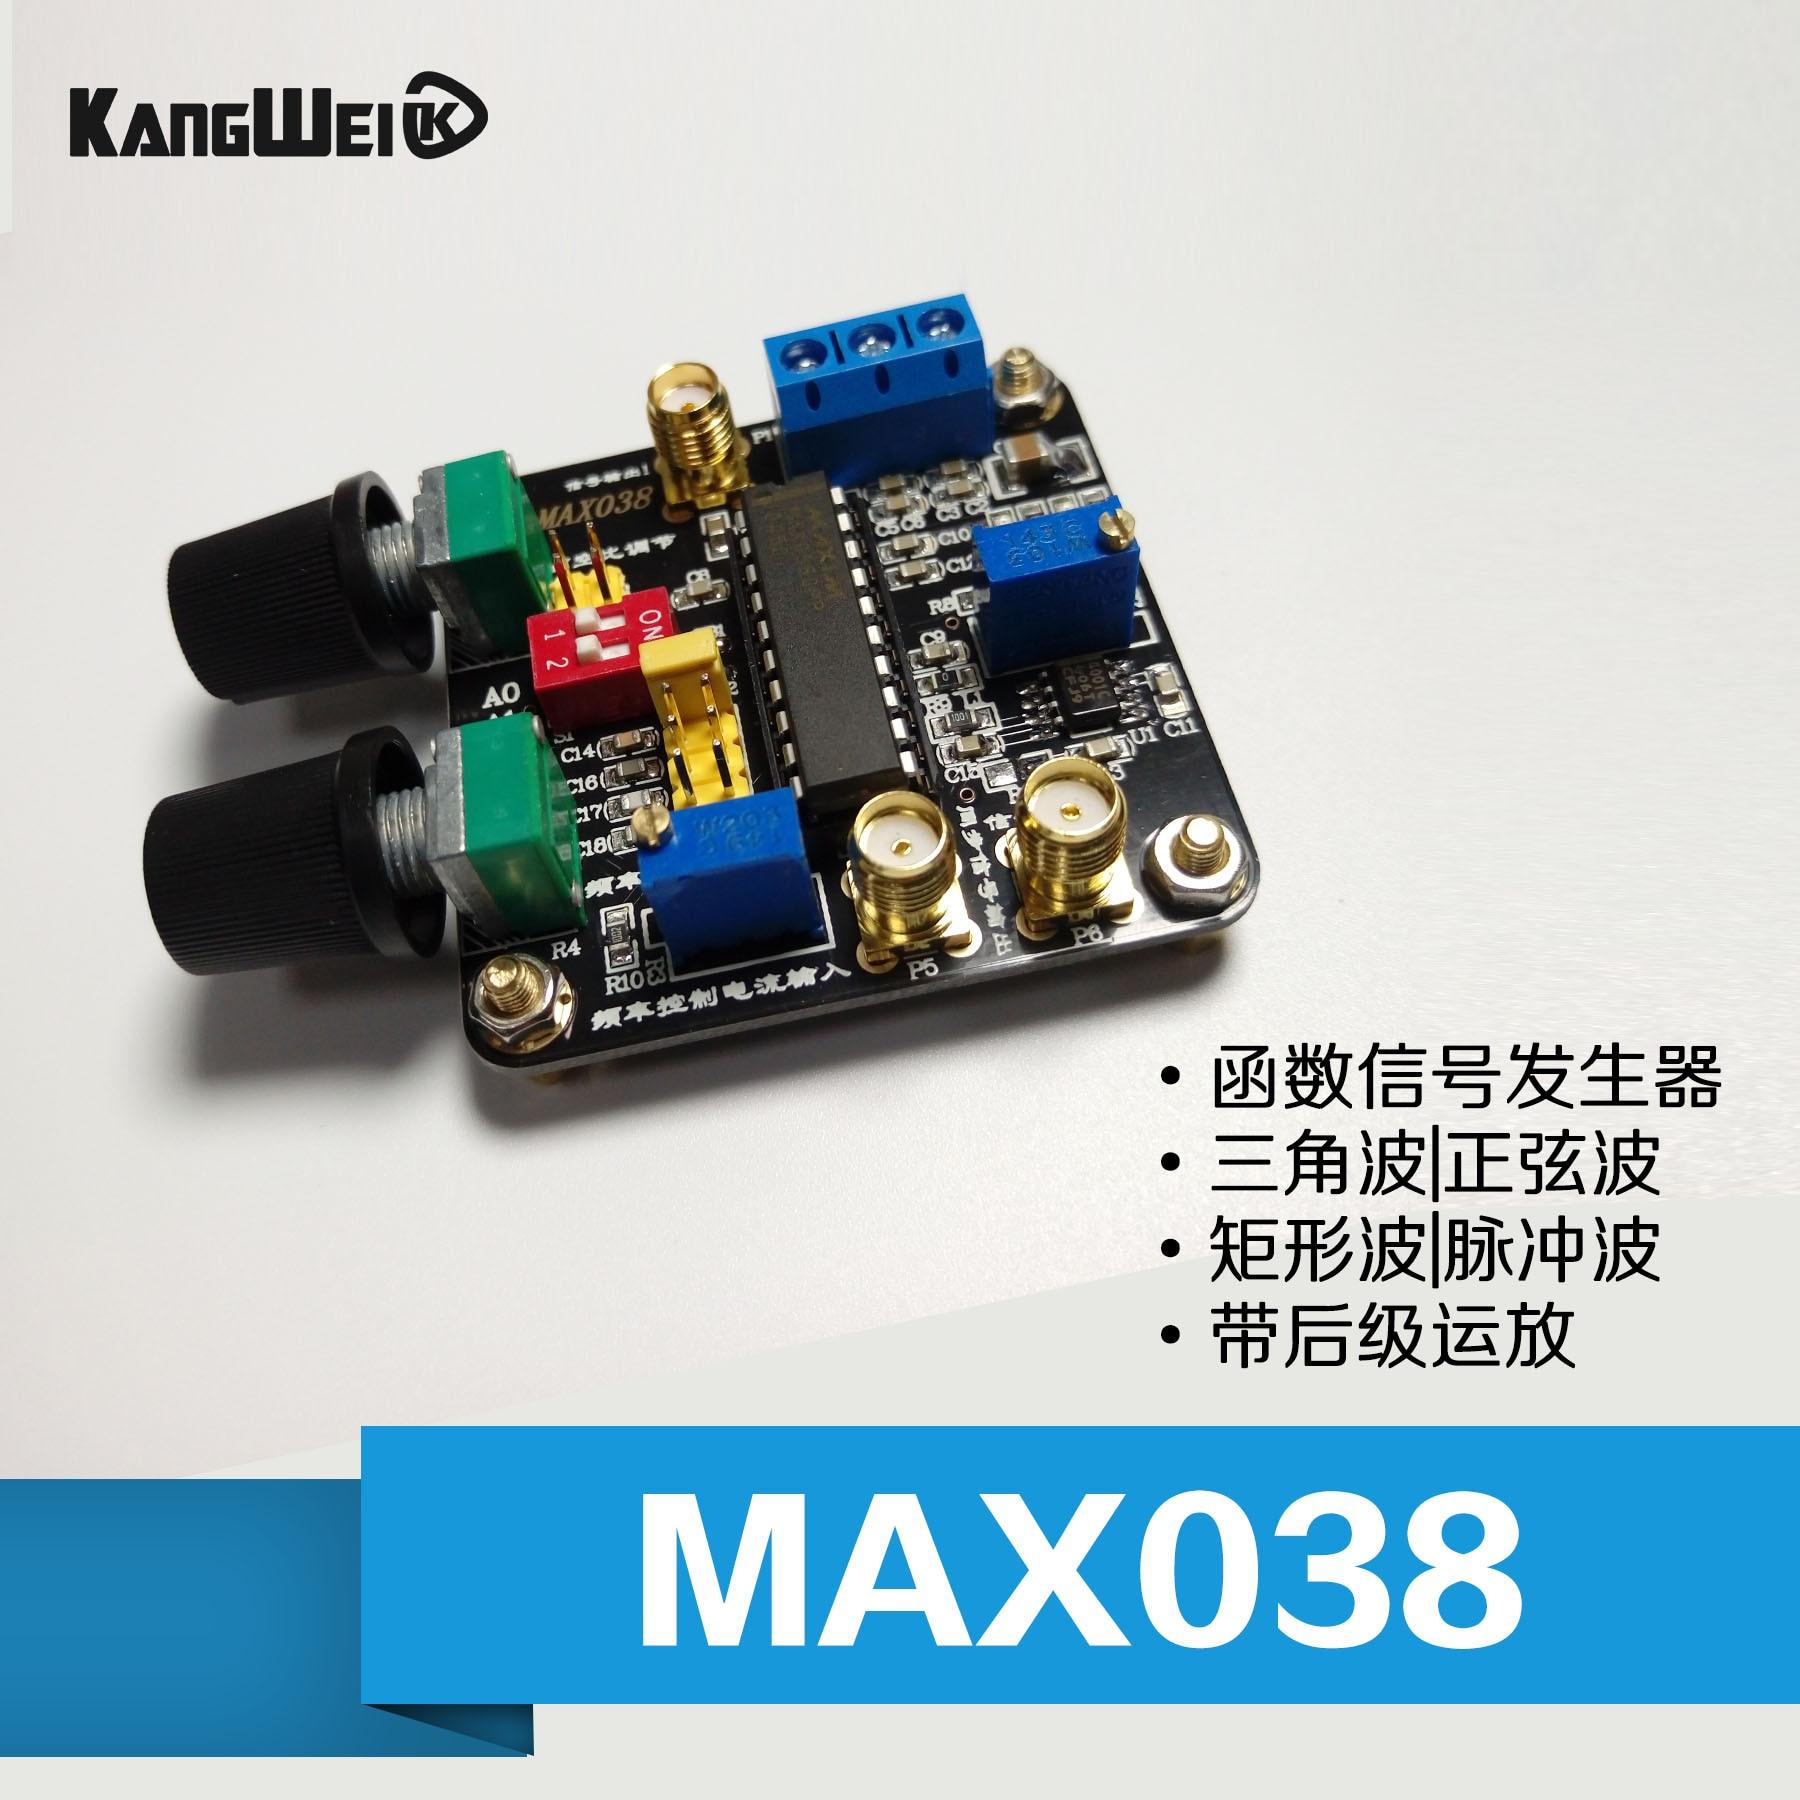 MAX038 Funzione, Modulo Generatore di segnale, Onda triangolare, Onda sinusoidale, rettangolo Onda, Onda di impulsoMAX038 Funzione, Modulo Generatore di segnale, Onda triangolare, Onda sinusoidale, rettangolo Onda, Onda di impulso